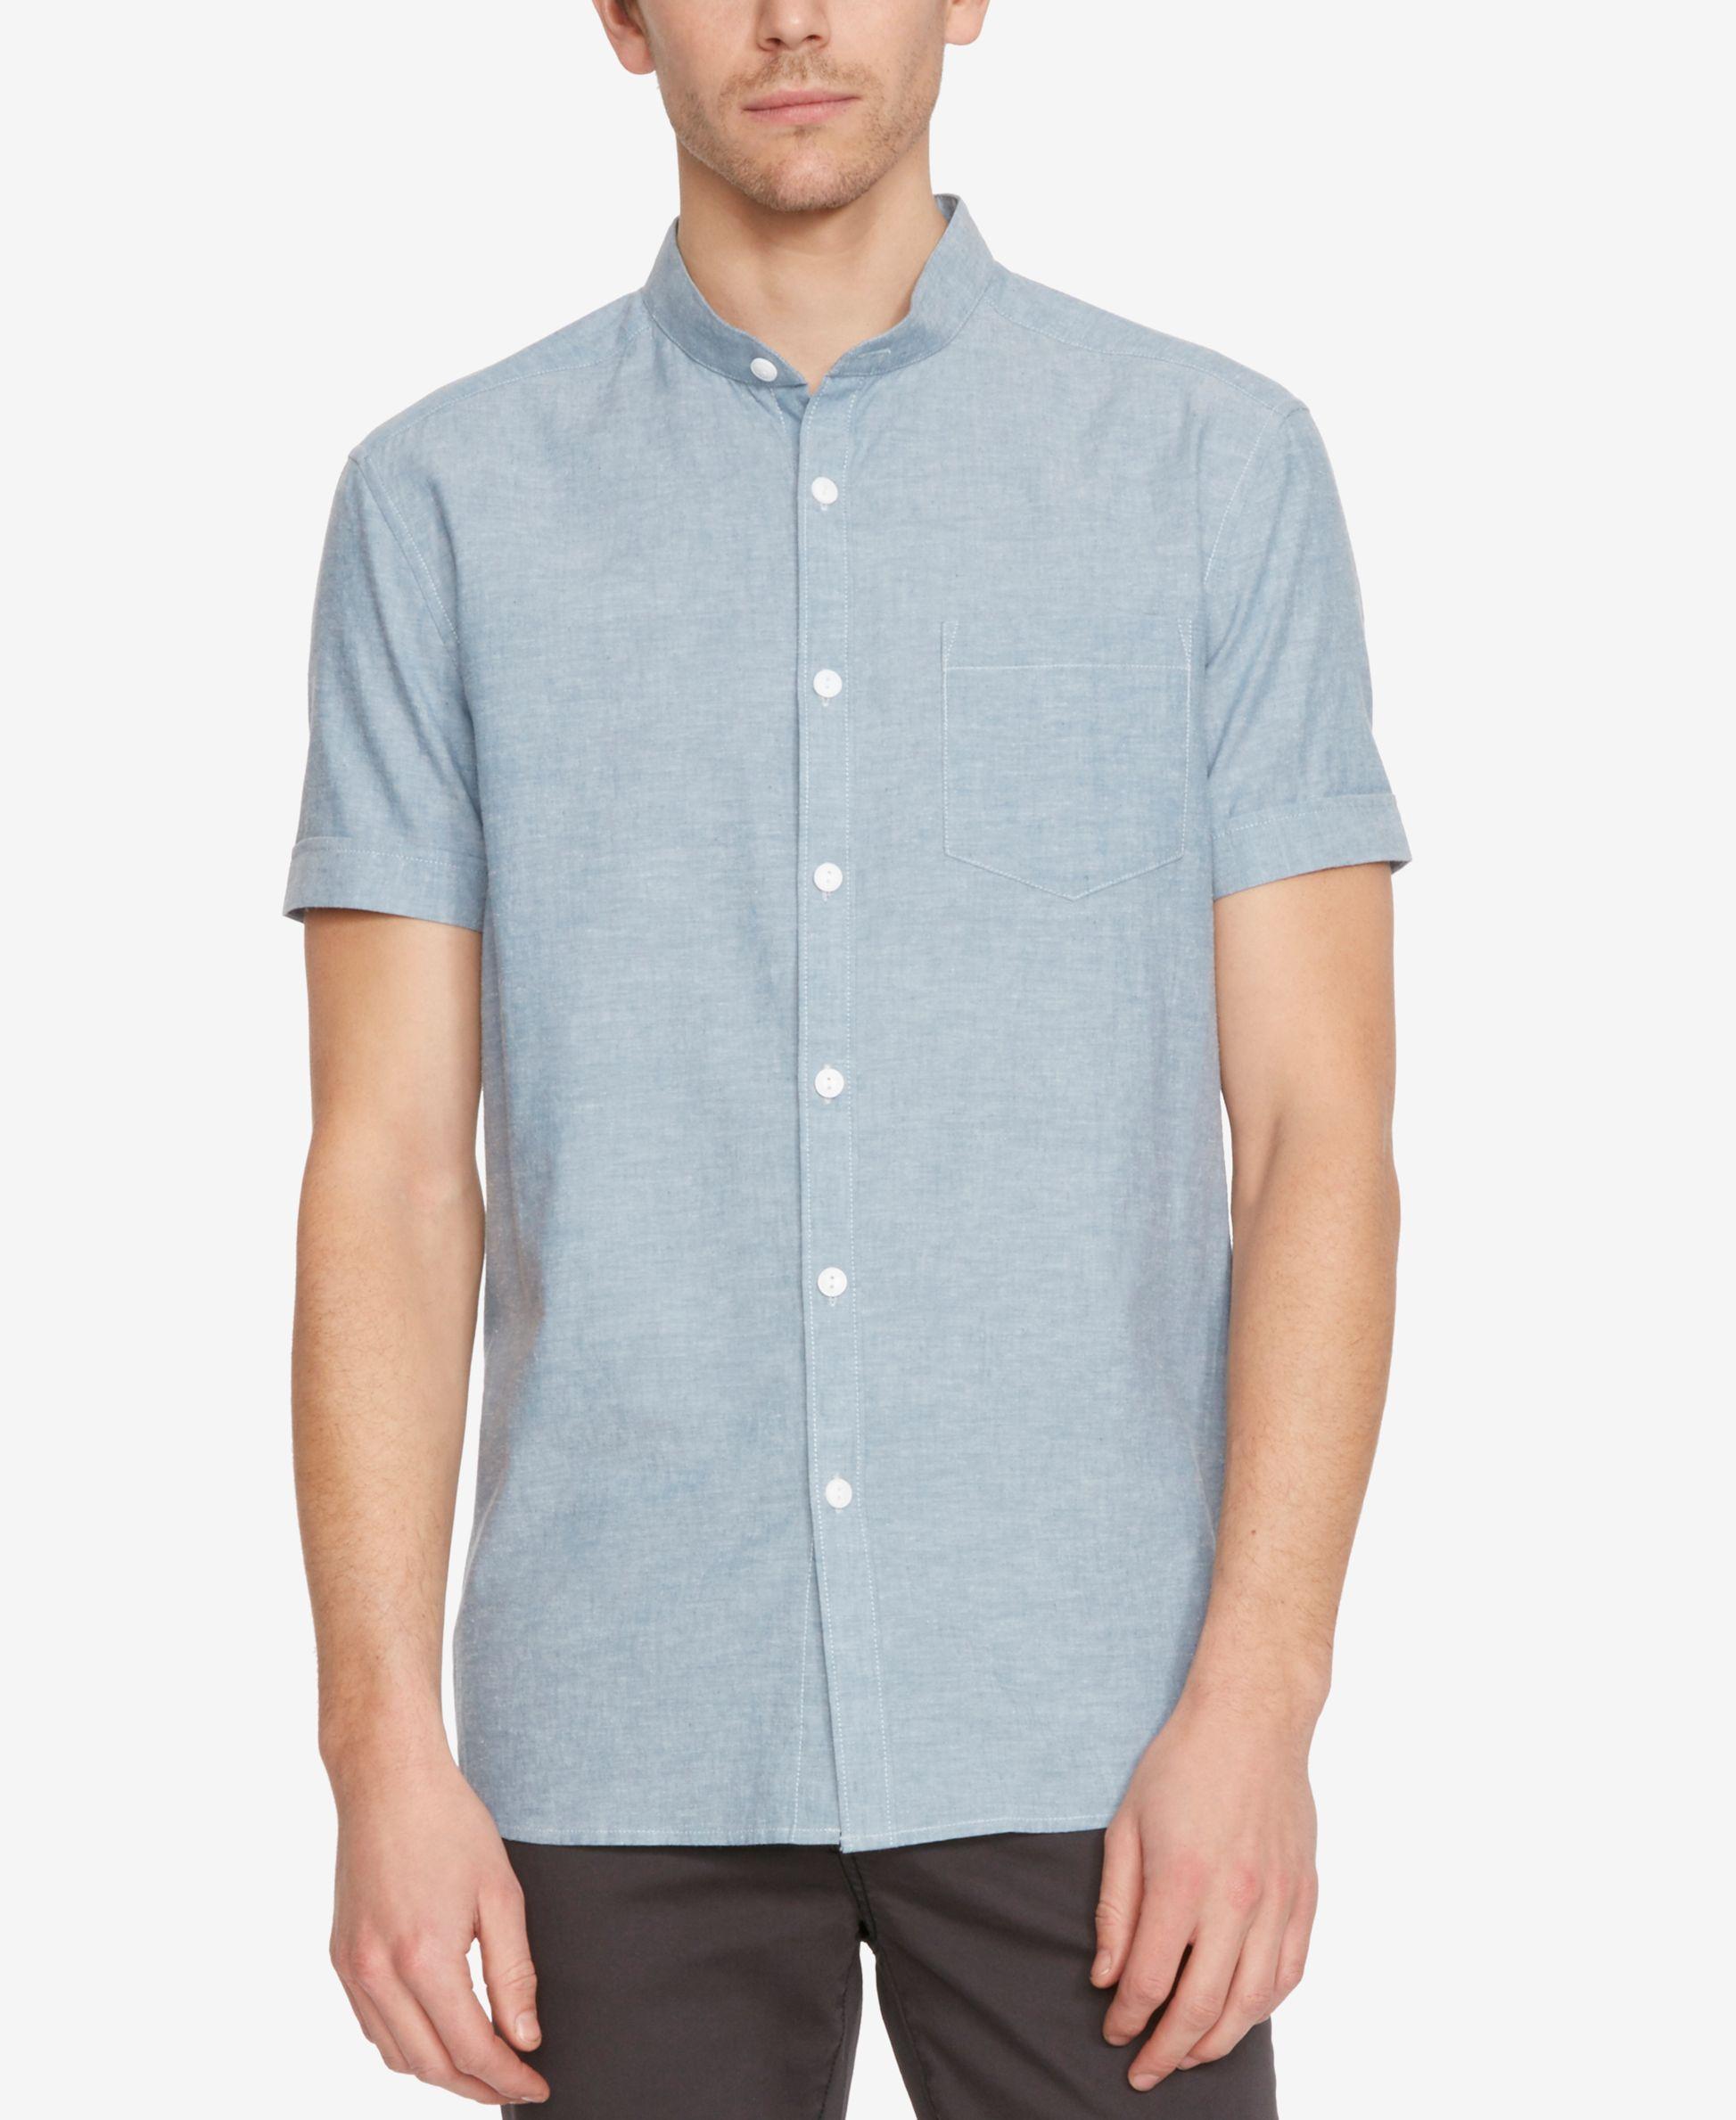 d0b60a43d6 Kenneth Cole New York Men s Lightweight Mandarin-Collar Short-Sleeve Shirt